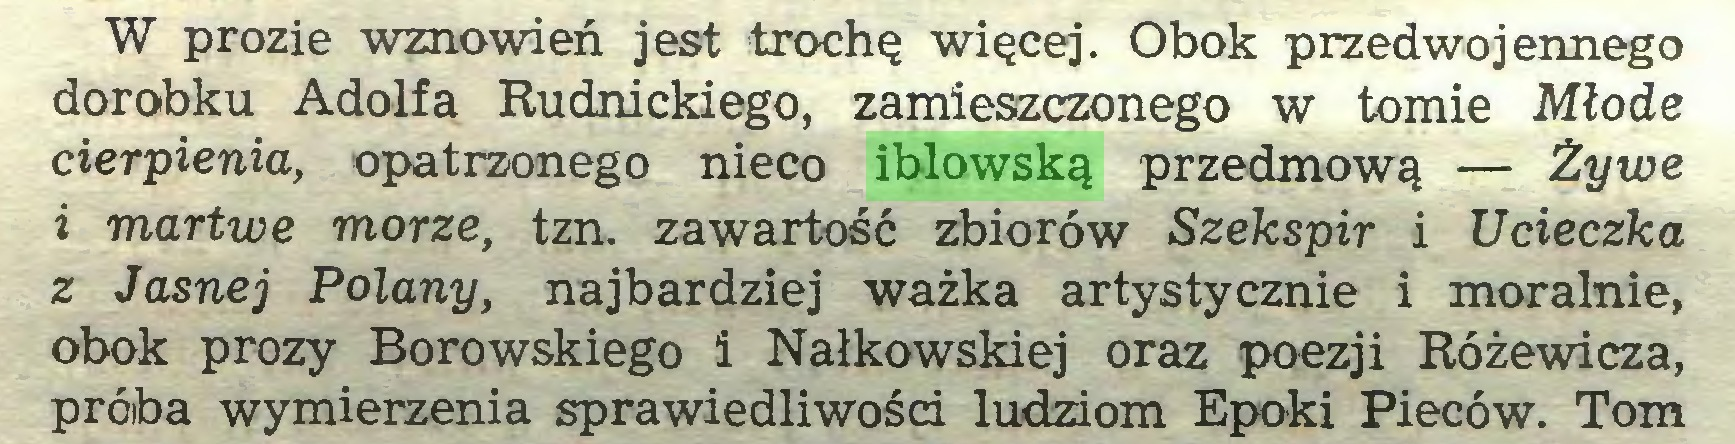 (...) W prozie wznowień jest trochę więcej. Obok przedwojennego dorobku Adolfa Rudnickiego, zamieszczonego w tomie Młode cierpienia, opatrzonego nieco iblowską przedmową — Żywe 1 martwe morze, tzn. zawartość zbiorów Szekspir i Ucieczka z Jasnej Polany, najbardziej ważka artystycznie i moralnie, obok prozy Borowskiego i Nałkowskiej oraz poezji Różewicza, próiba wymierzenia sprawiedliwości ludziom Epoki Pieców. Tom...